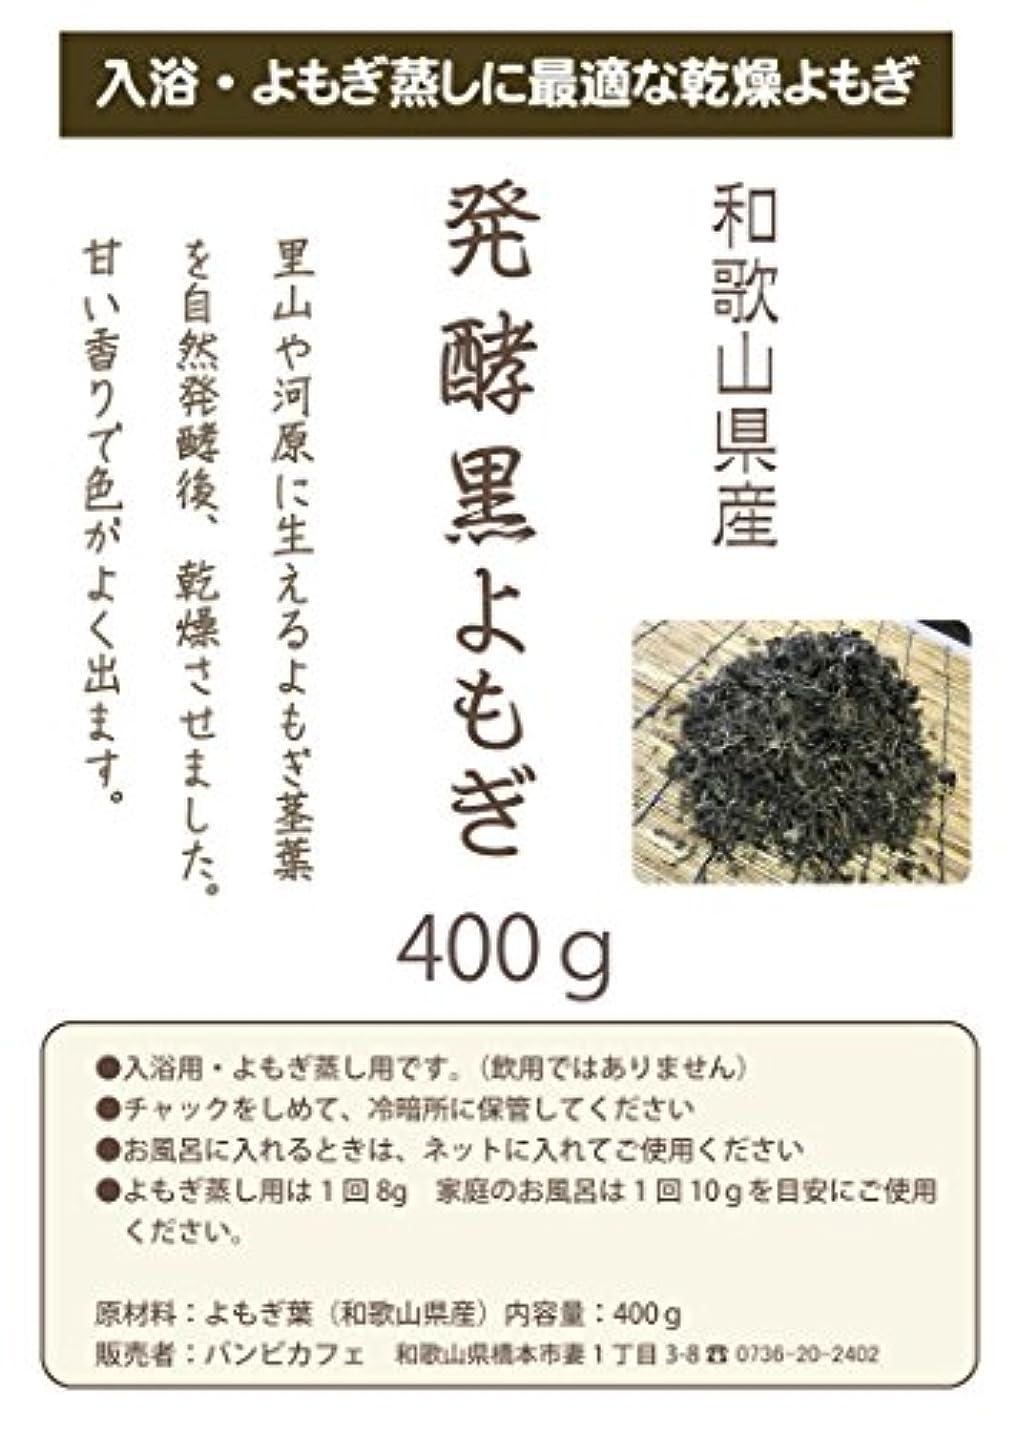 考え環境に優しい労働発酵黒よもぎ 400g 乾燥 和歌山県産 入浴用に特化発酵 黒 よもぎ